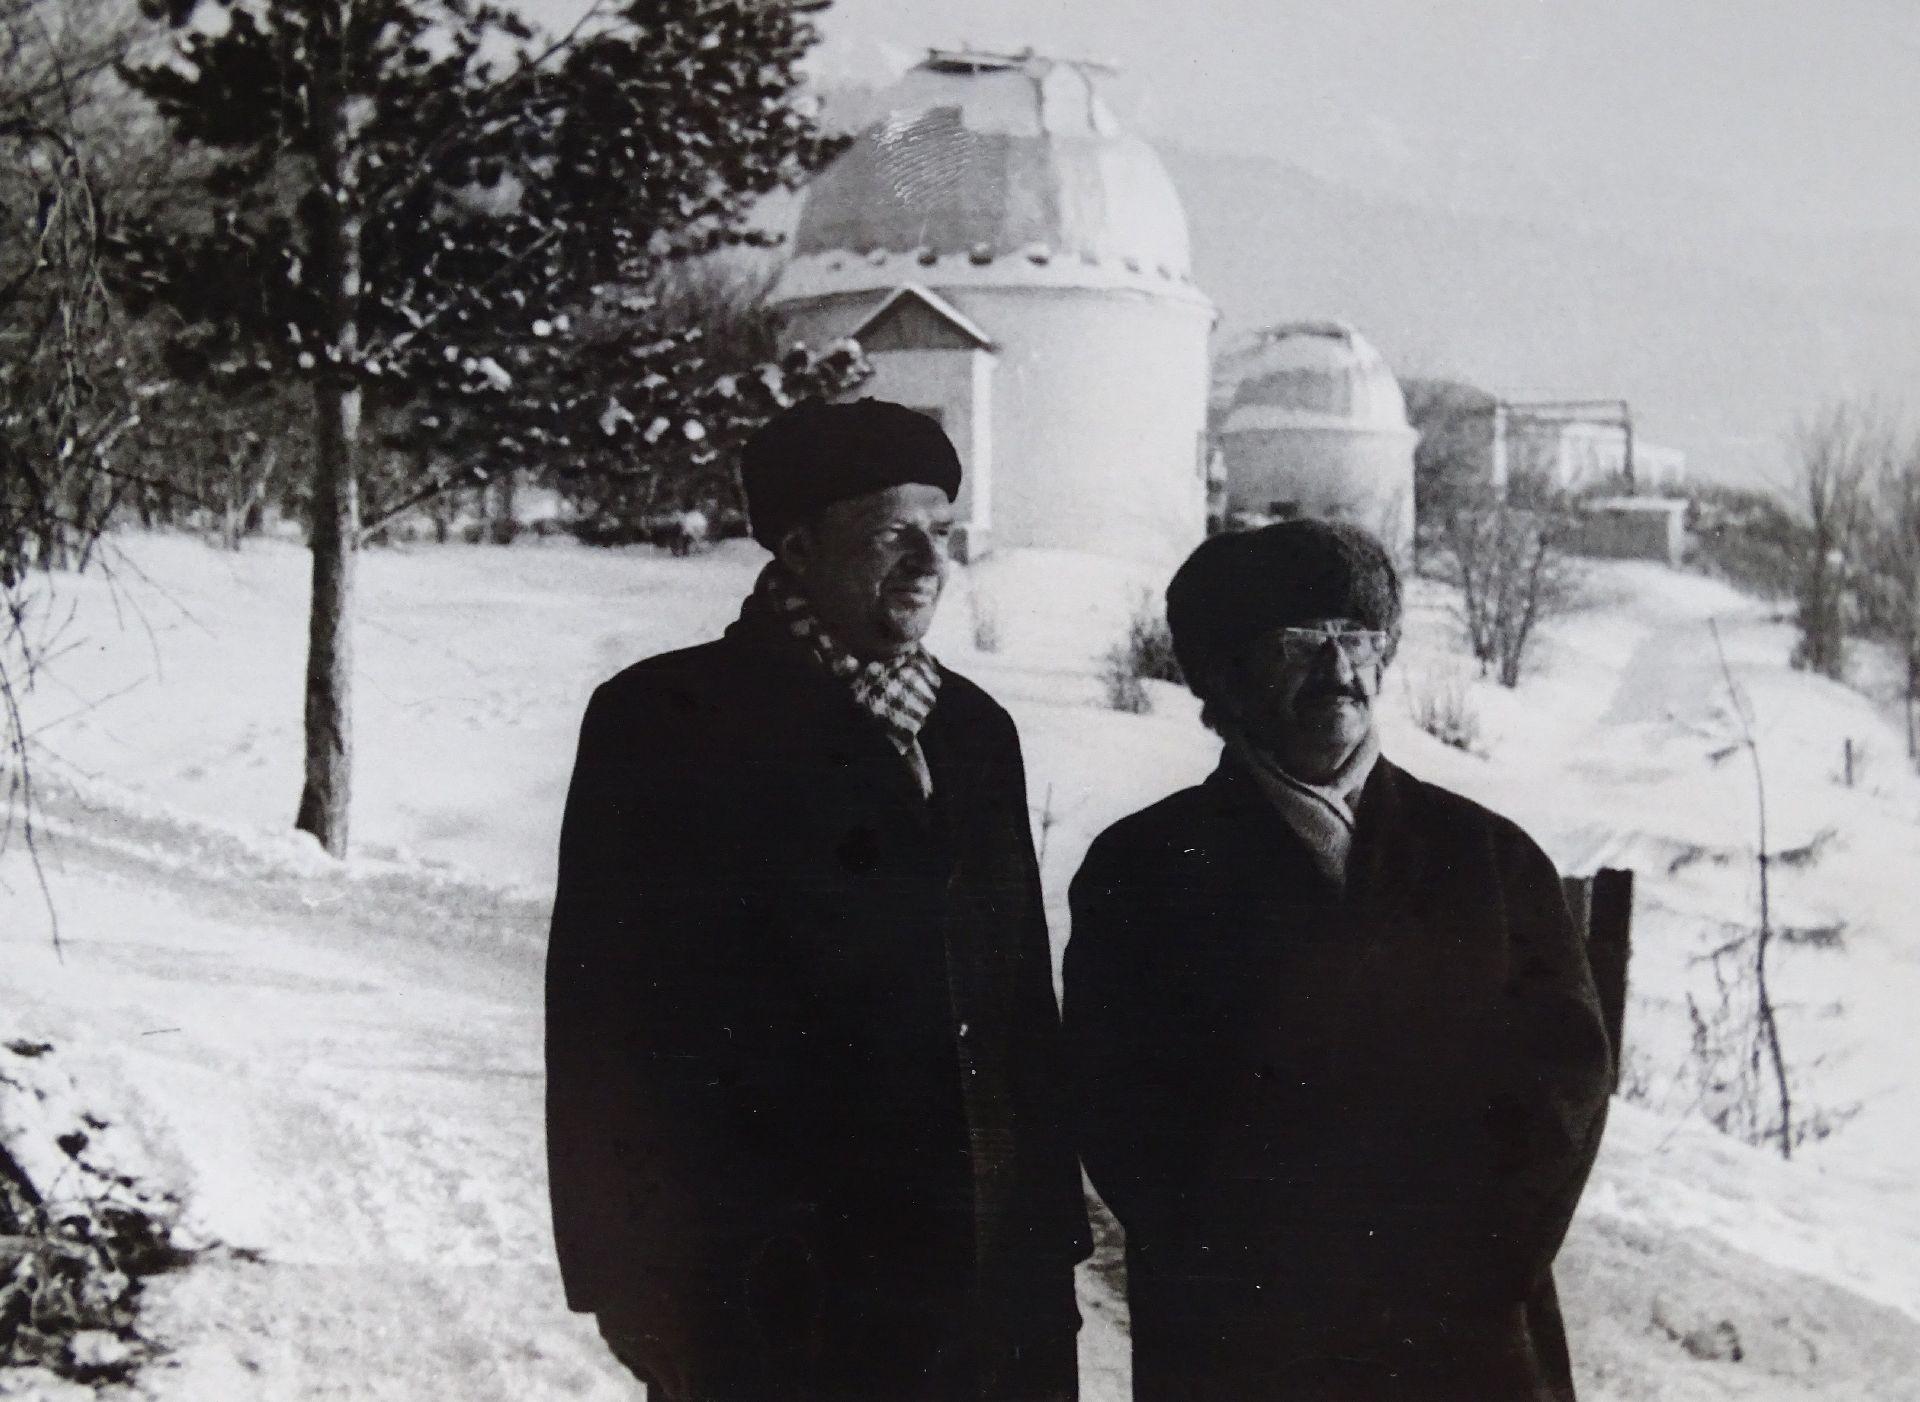 Экспонат #29. Сергей Сапронов и Яков Бвбушкин